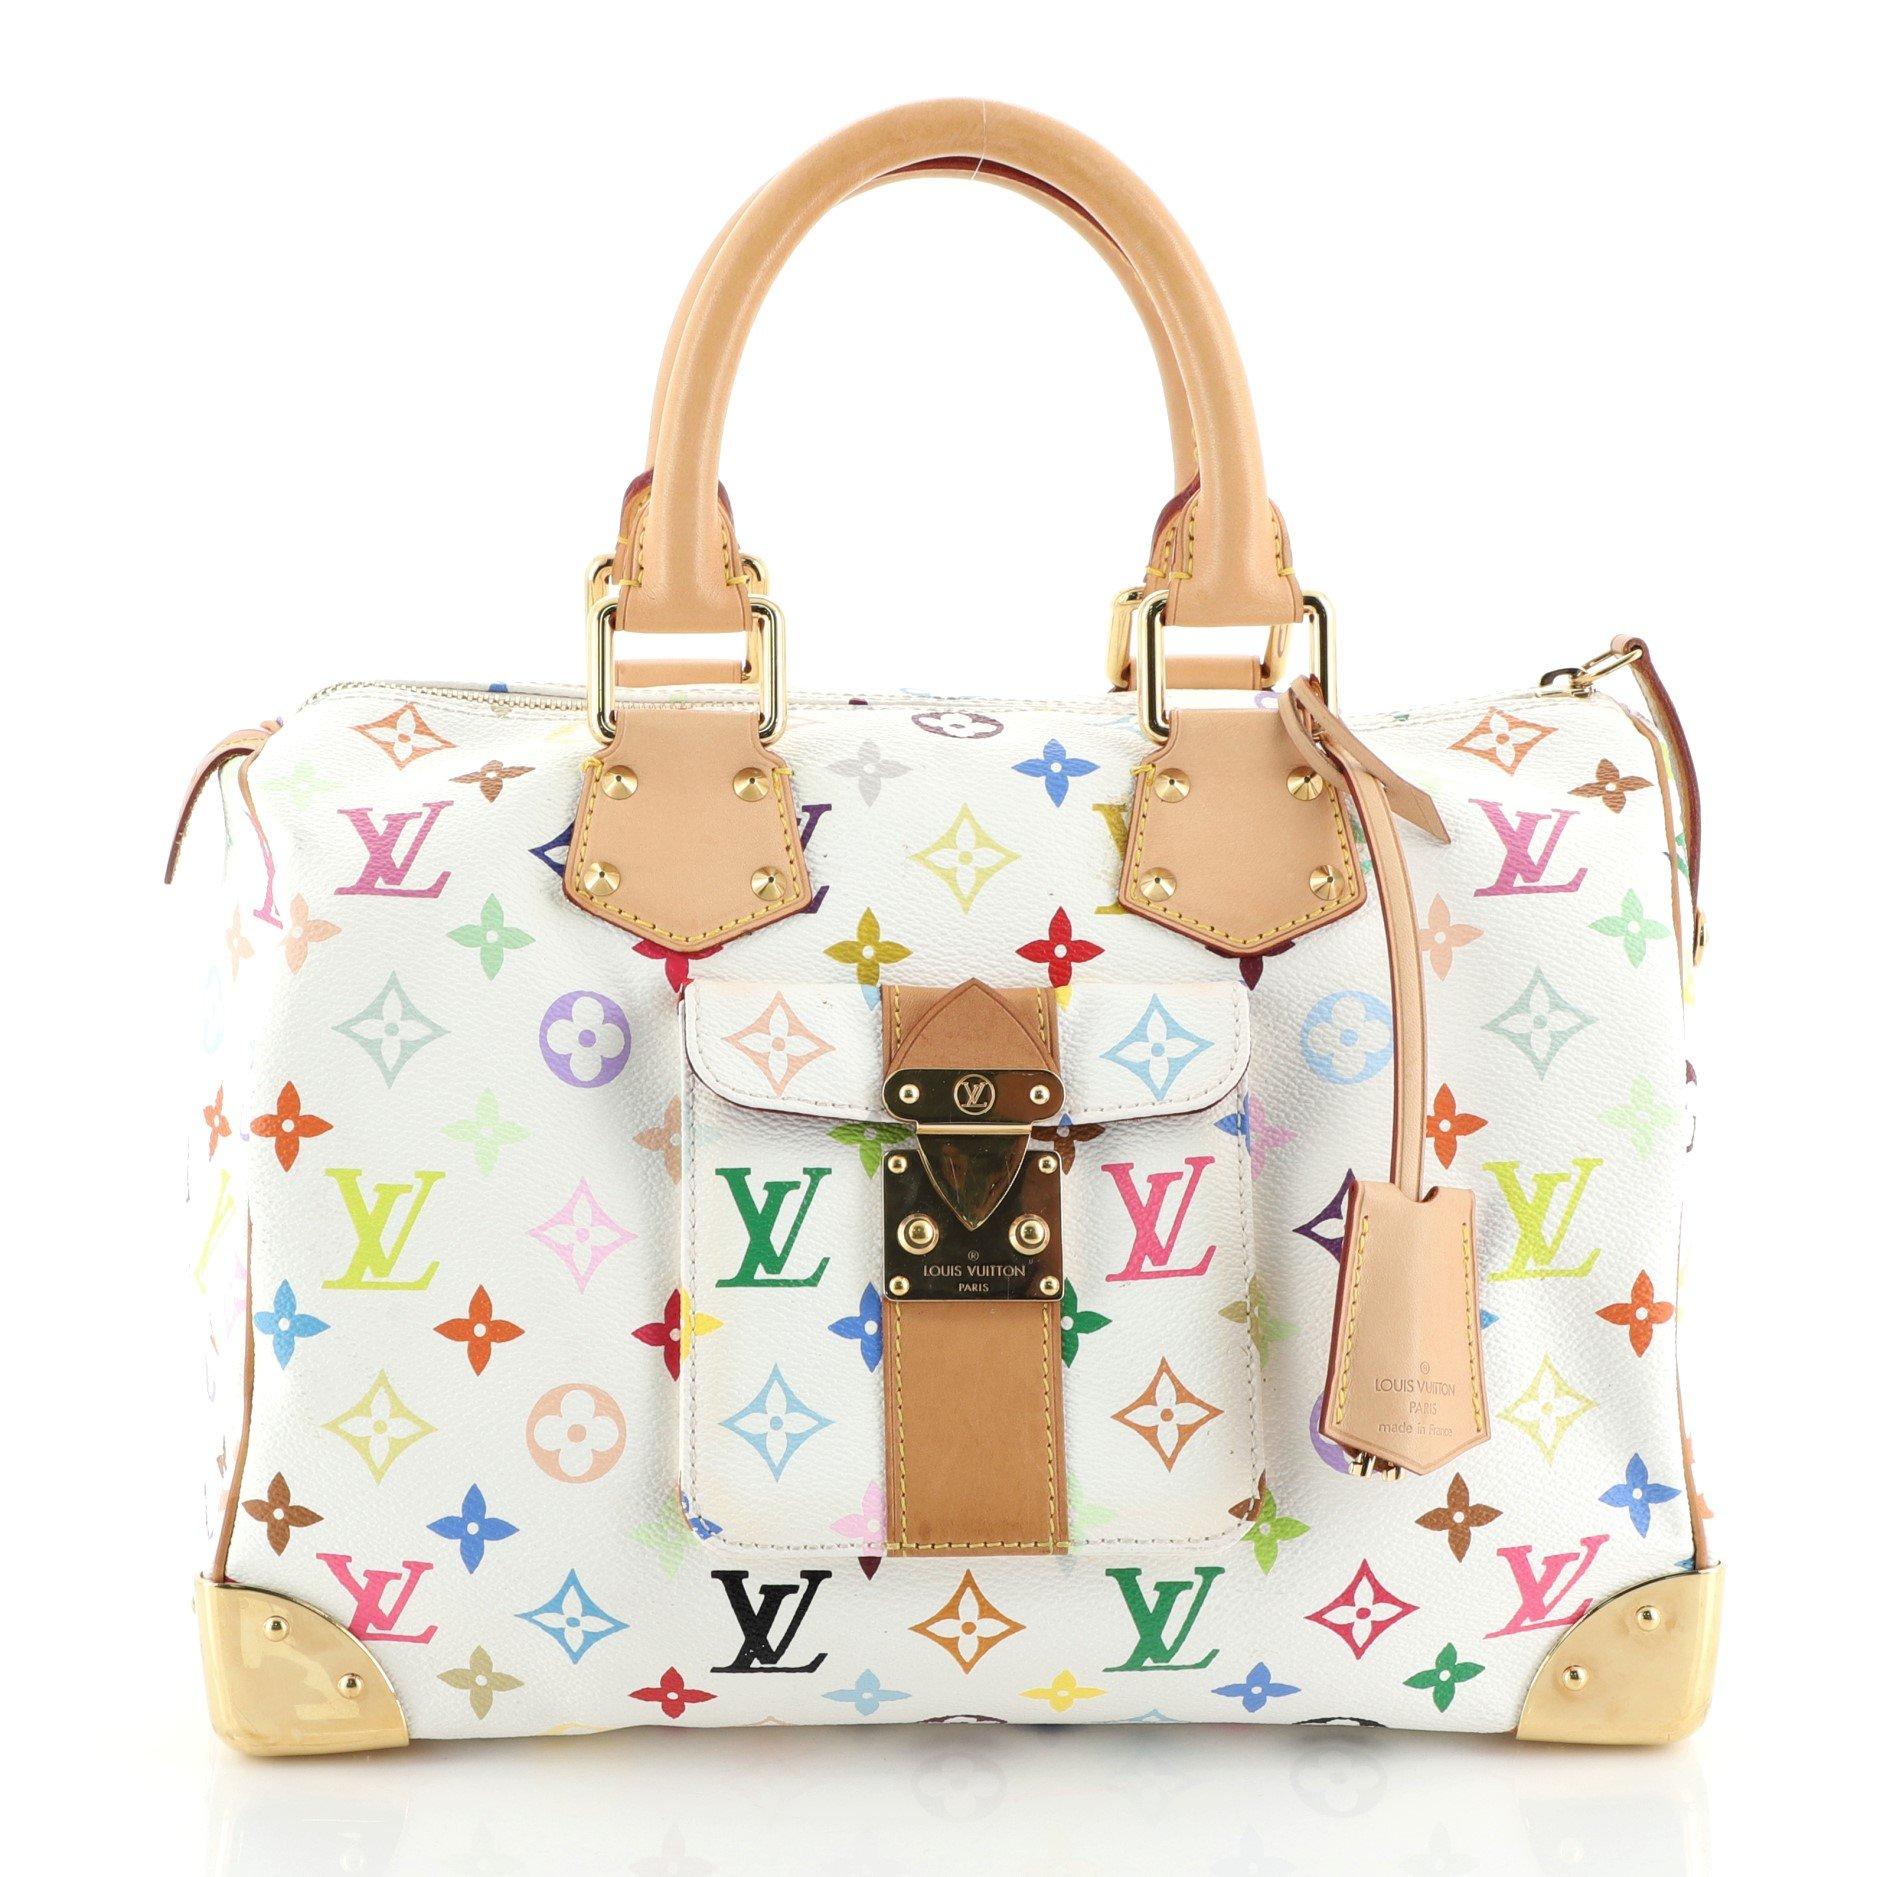 Louis Vuitton Speedy Handbag Monogram Multicolor